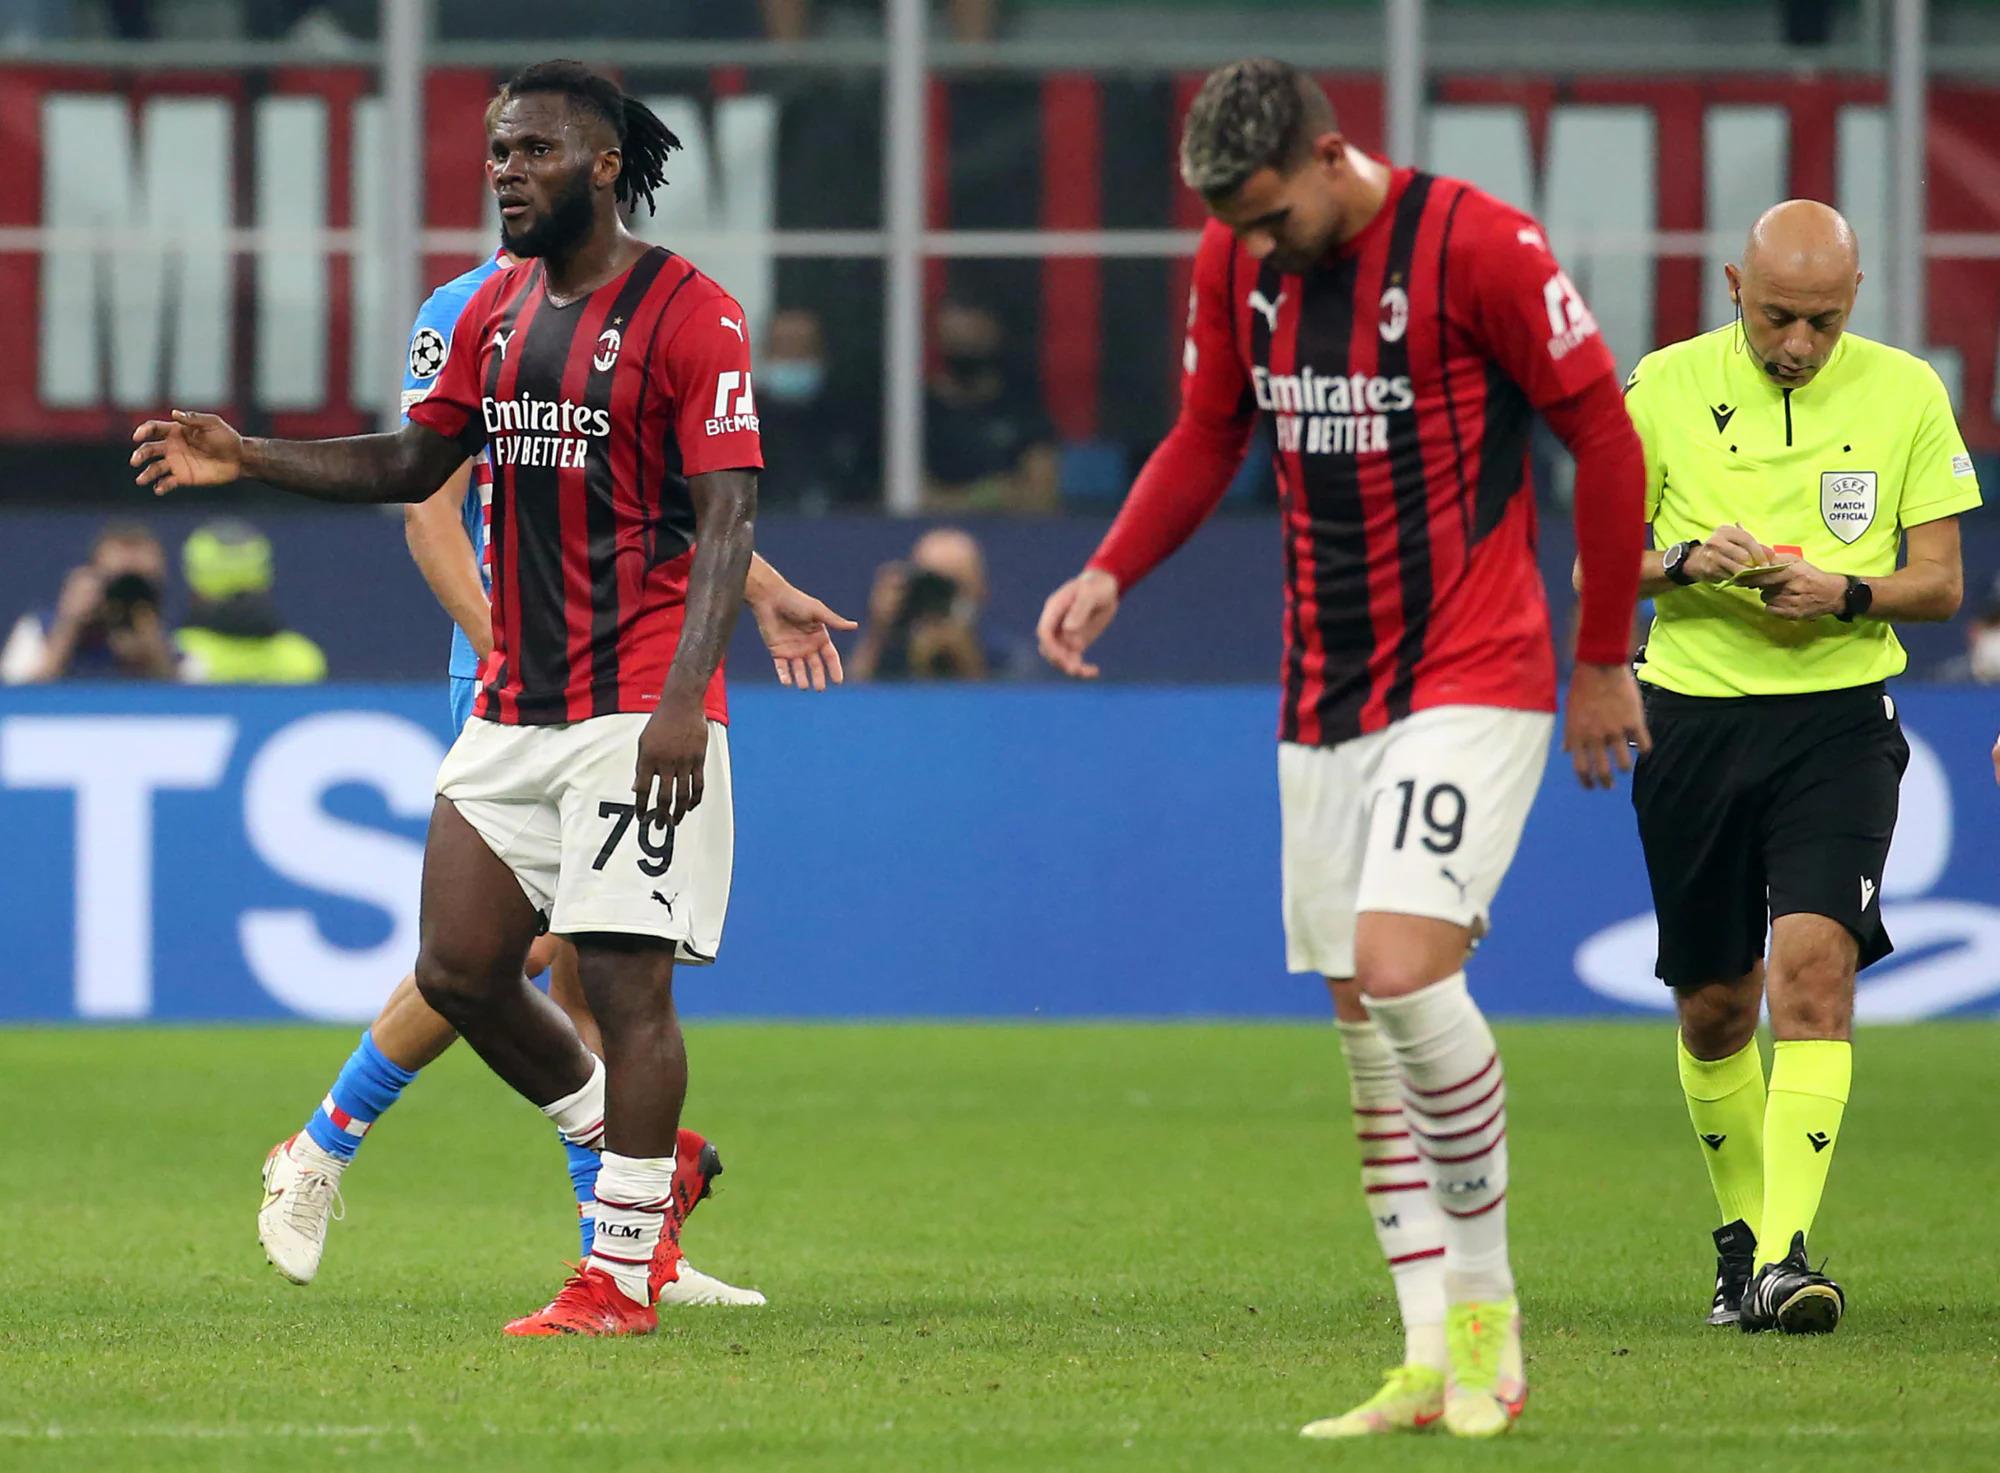 Thẻ đỏ của Kessie (số 79) khiến Milan gặp bất lợi. Ảnh: ANSA